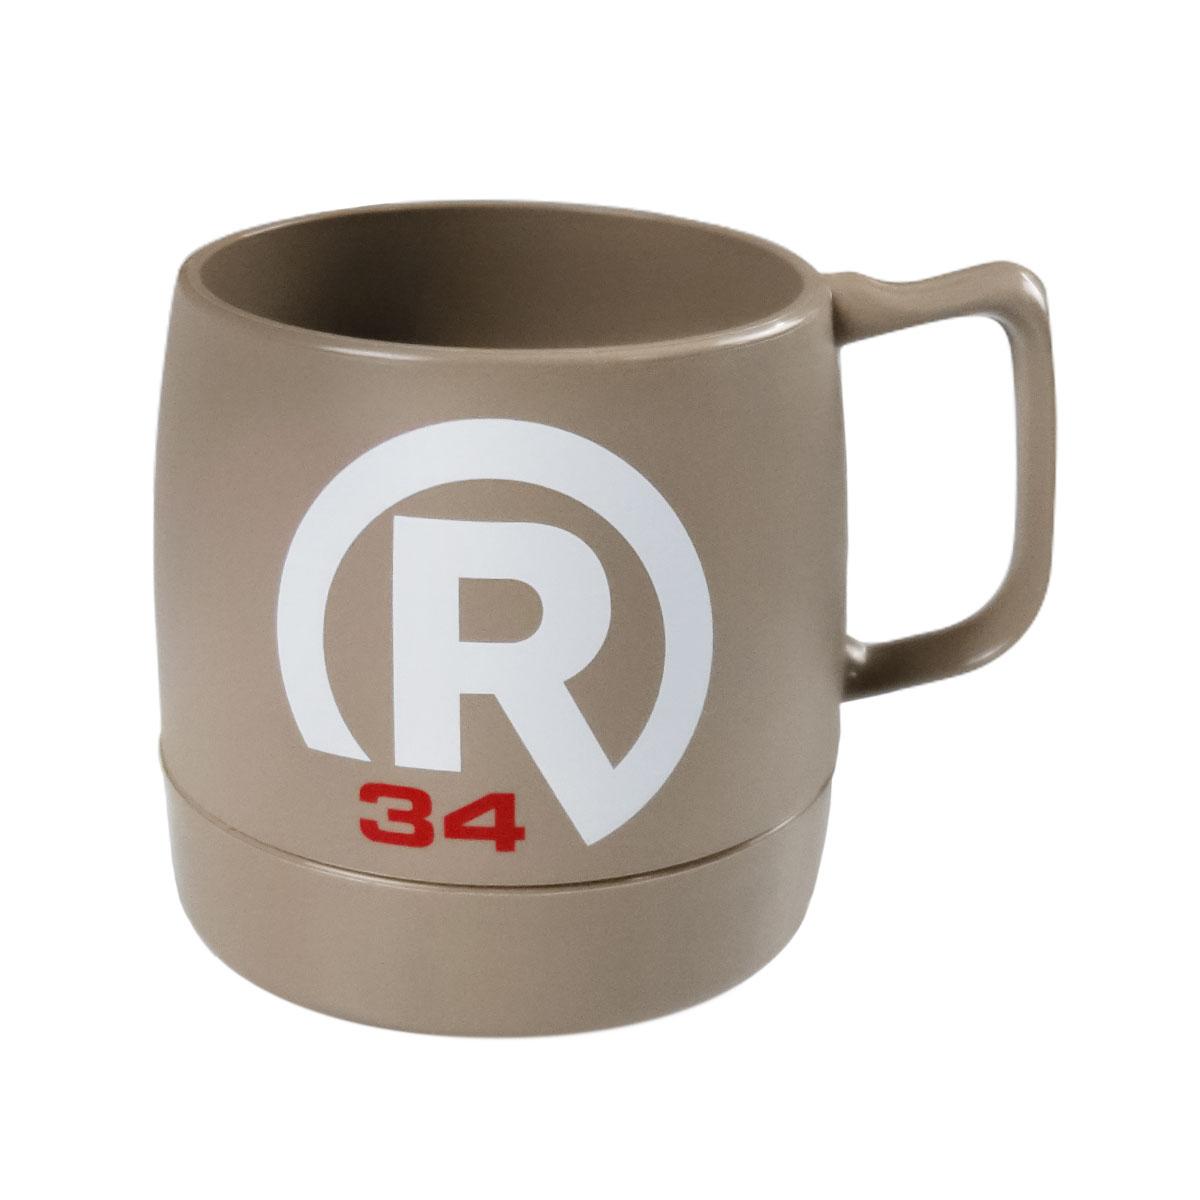 """""""WEB LIMITED ITEM"""" DINEX MUG CUP R34"""